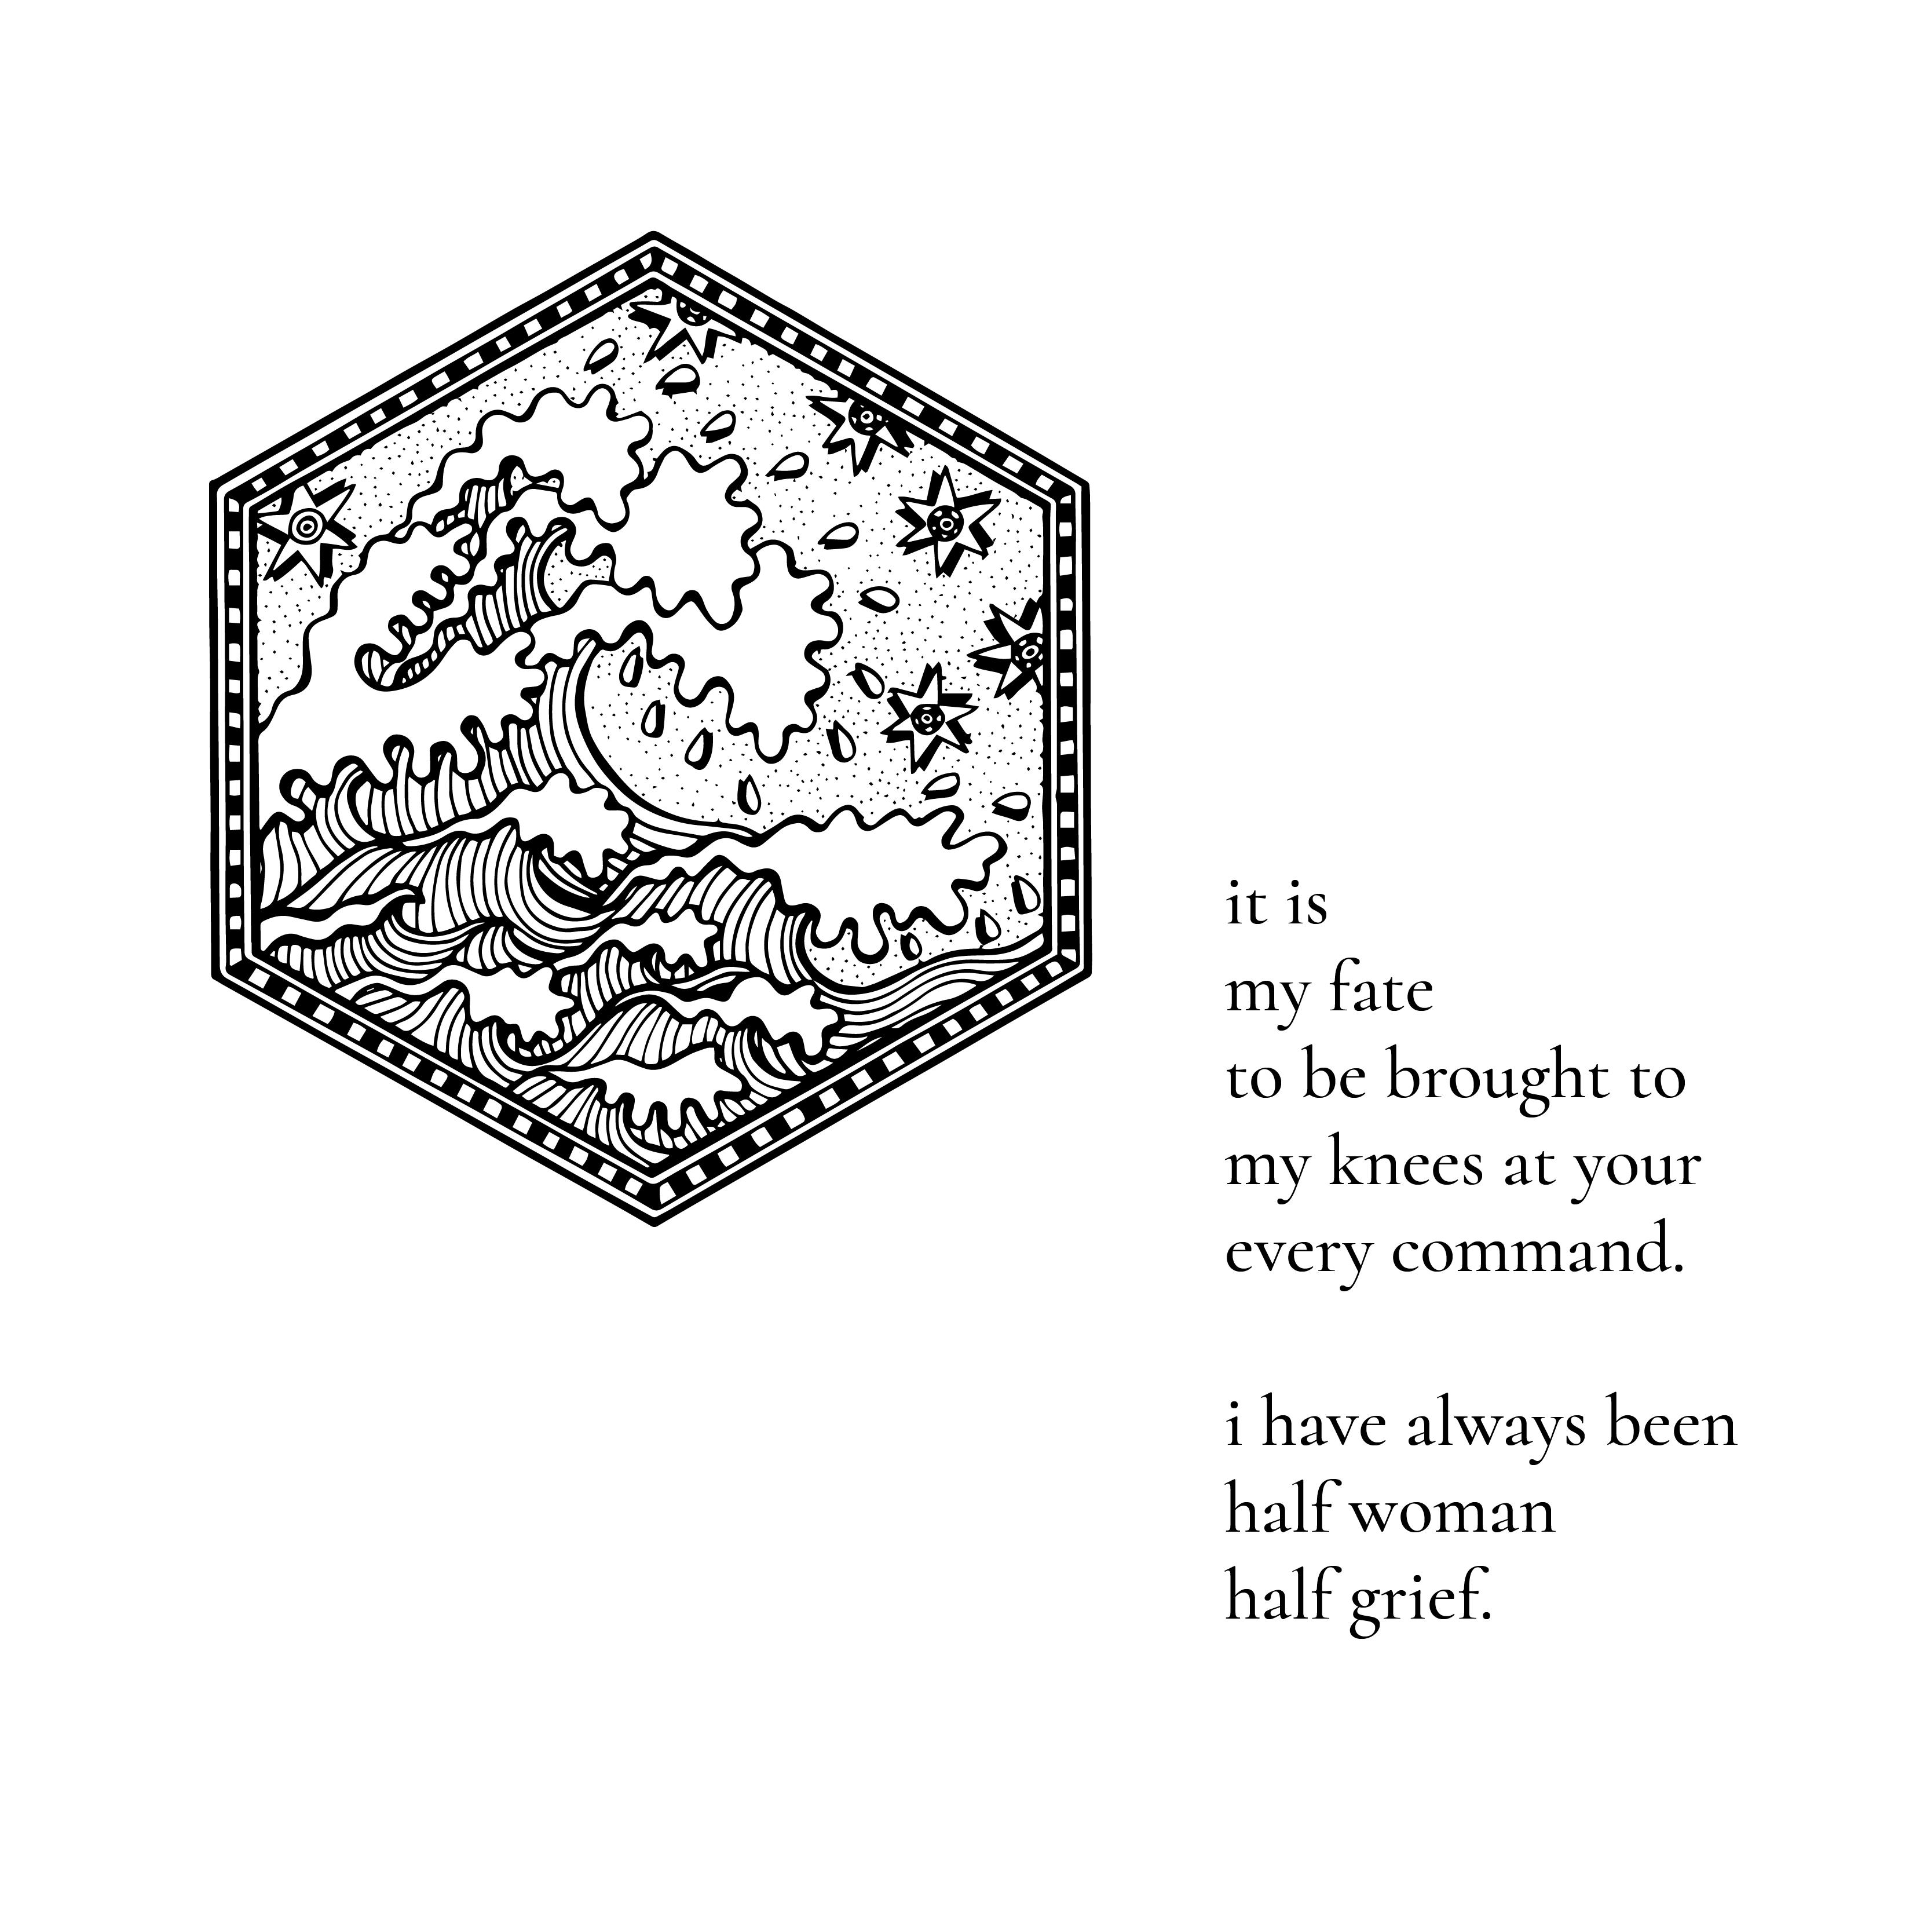 HWHG_Social_Insta poem 5 copy.png